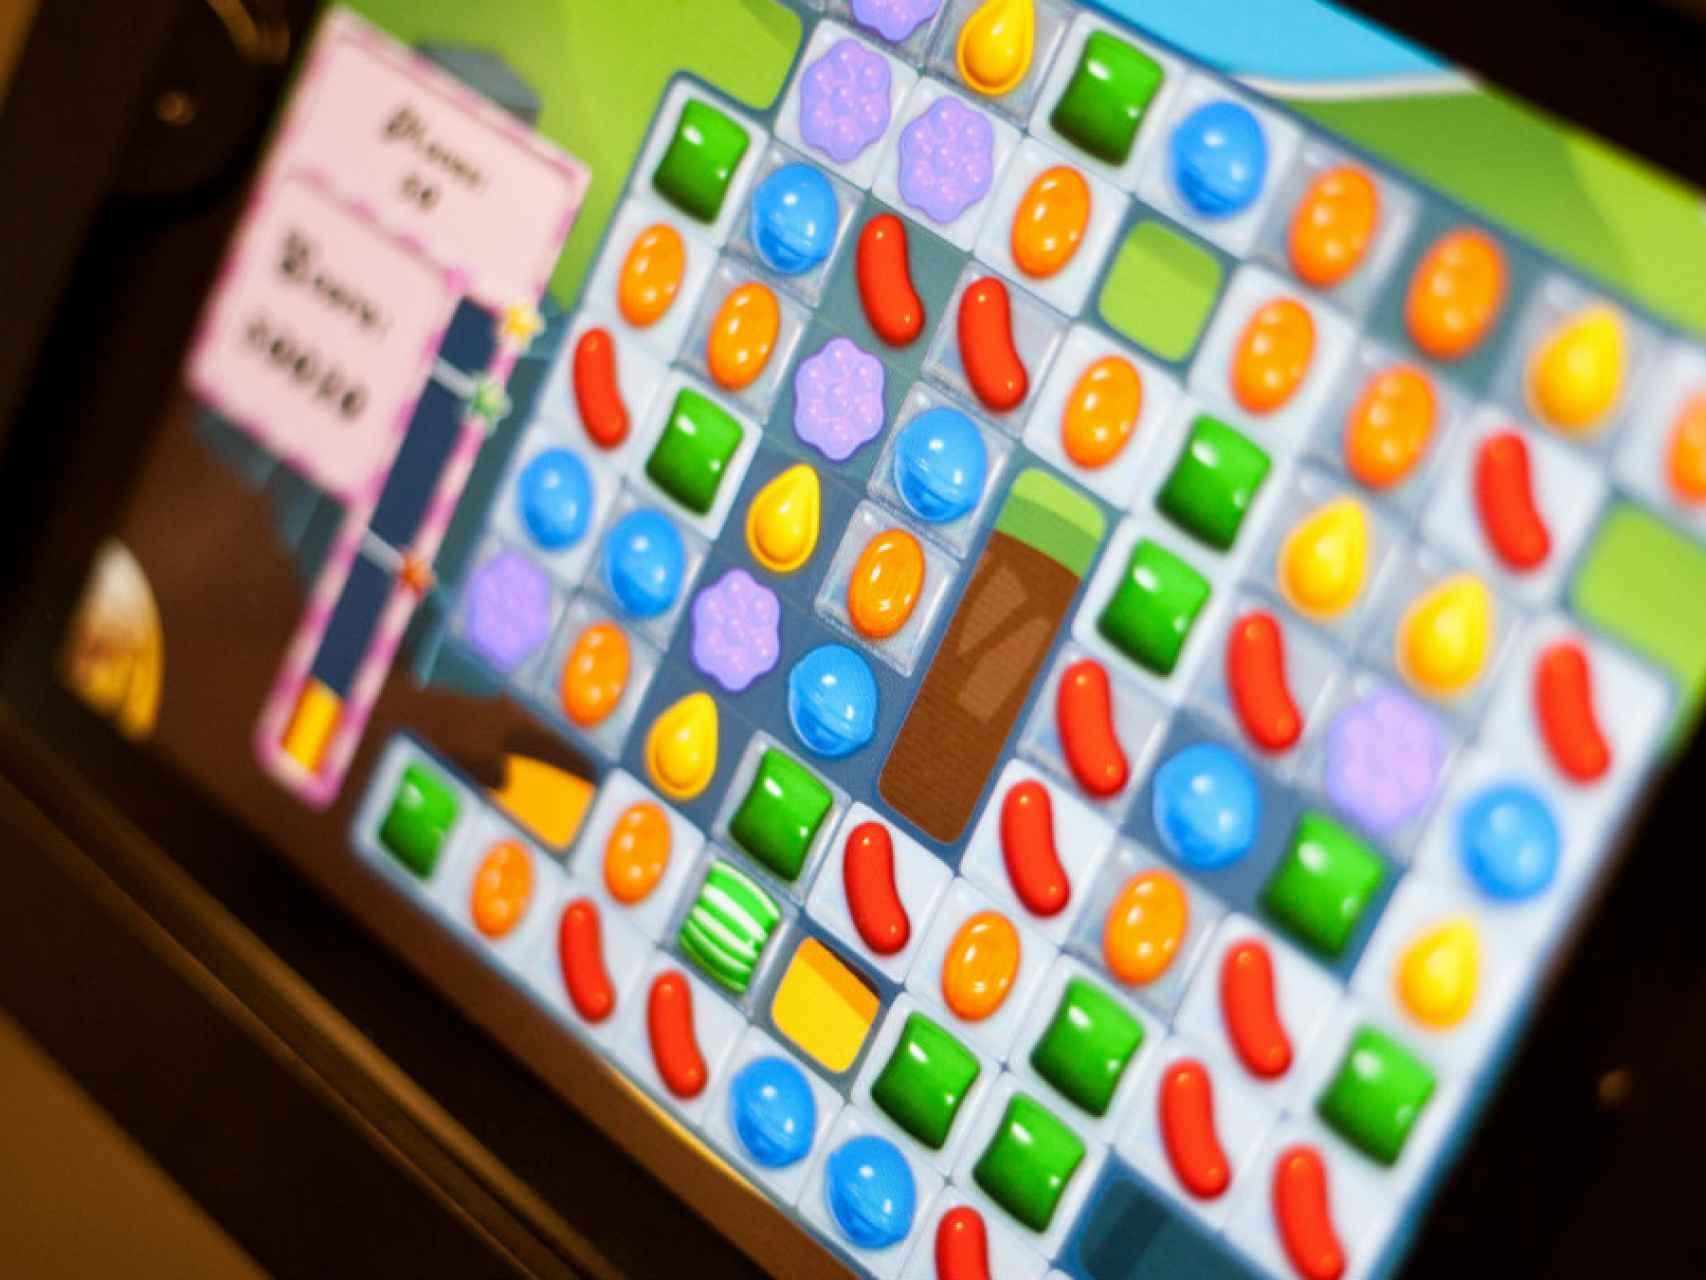 Activision Blizzard es el dueño de King, la creadora del juego Candy Crush Saga.